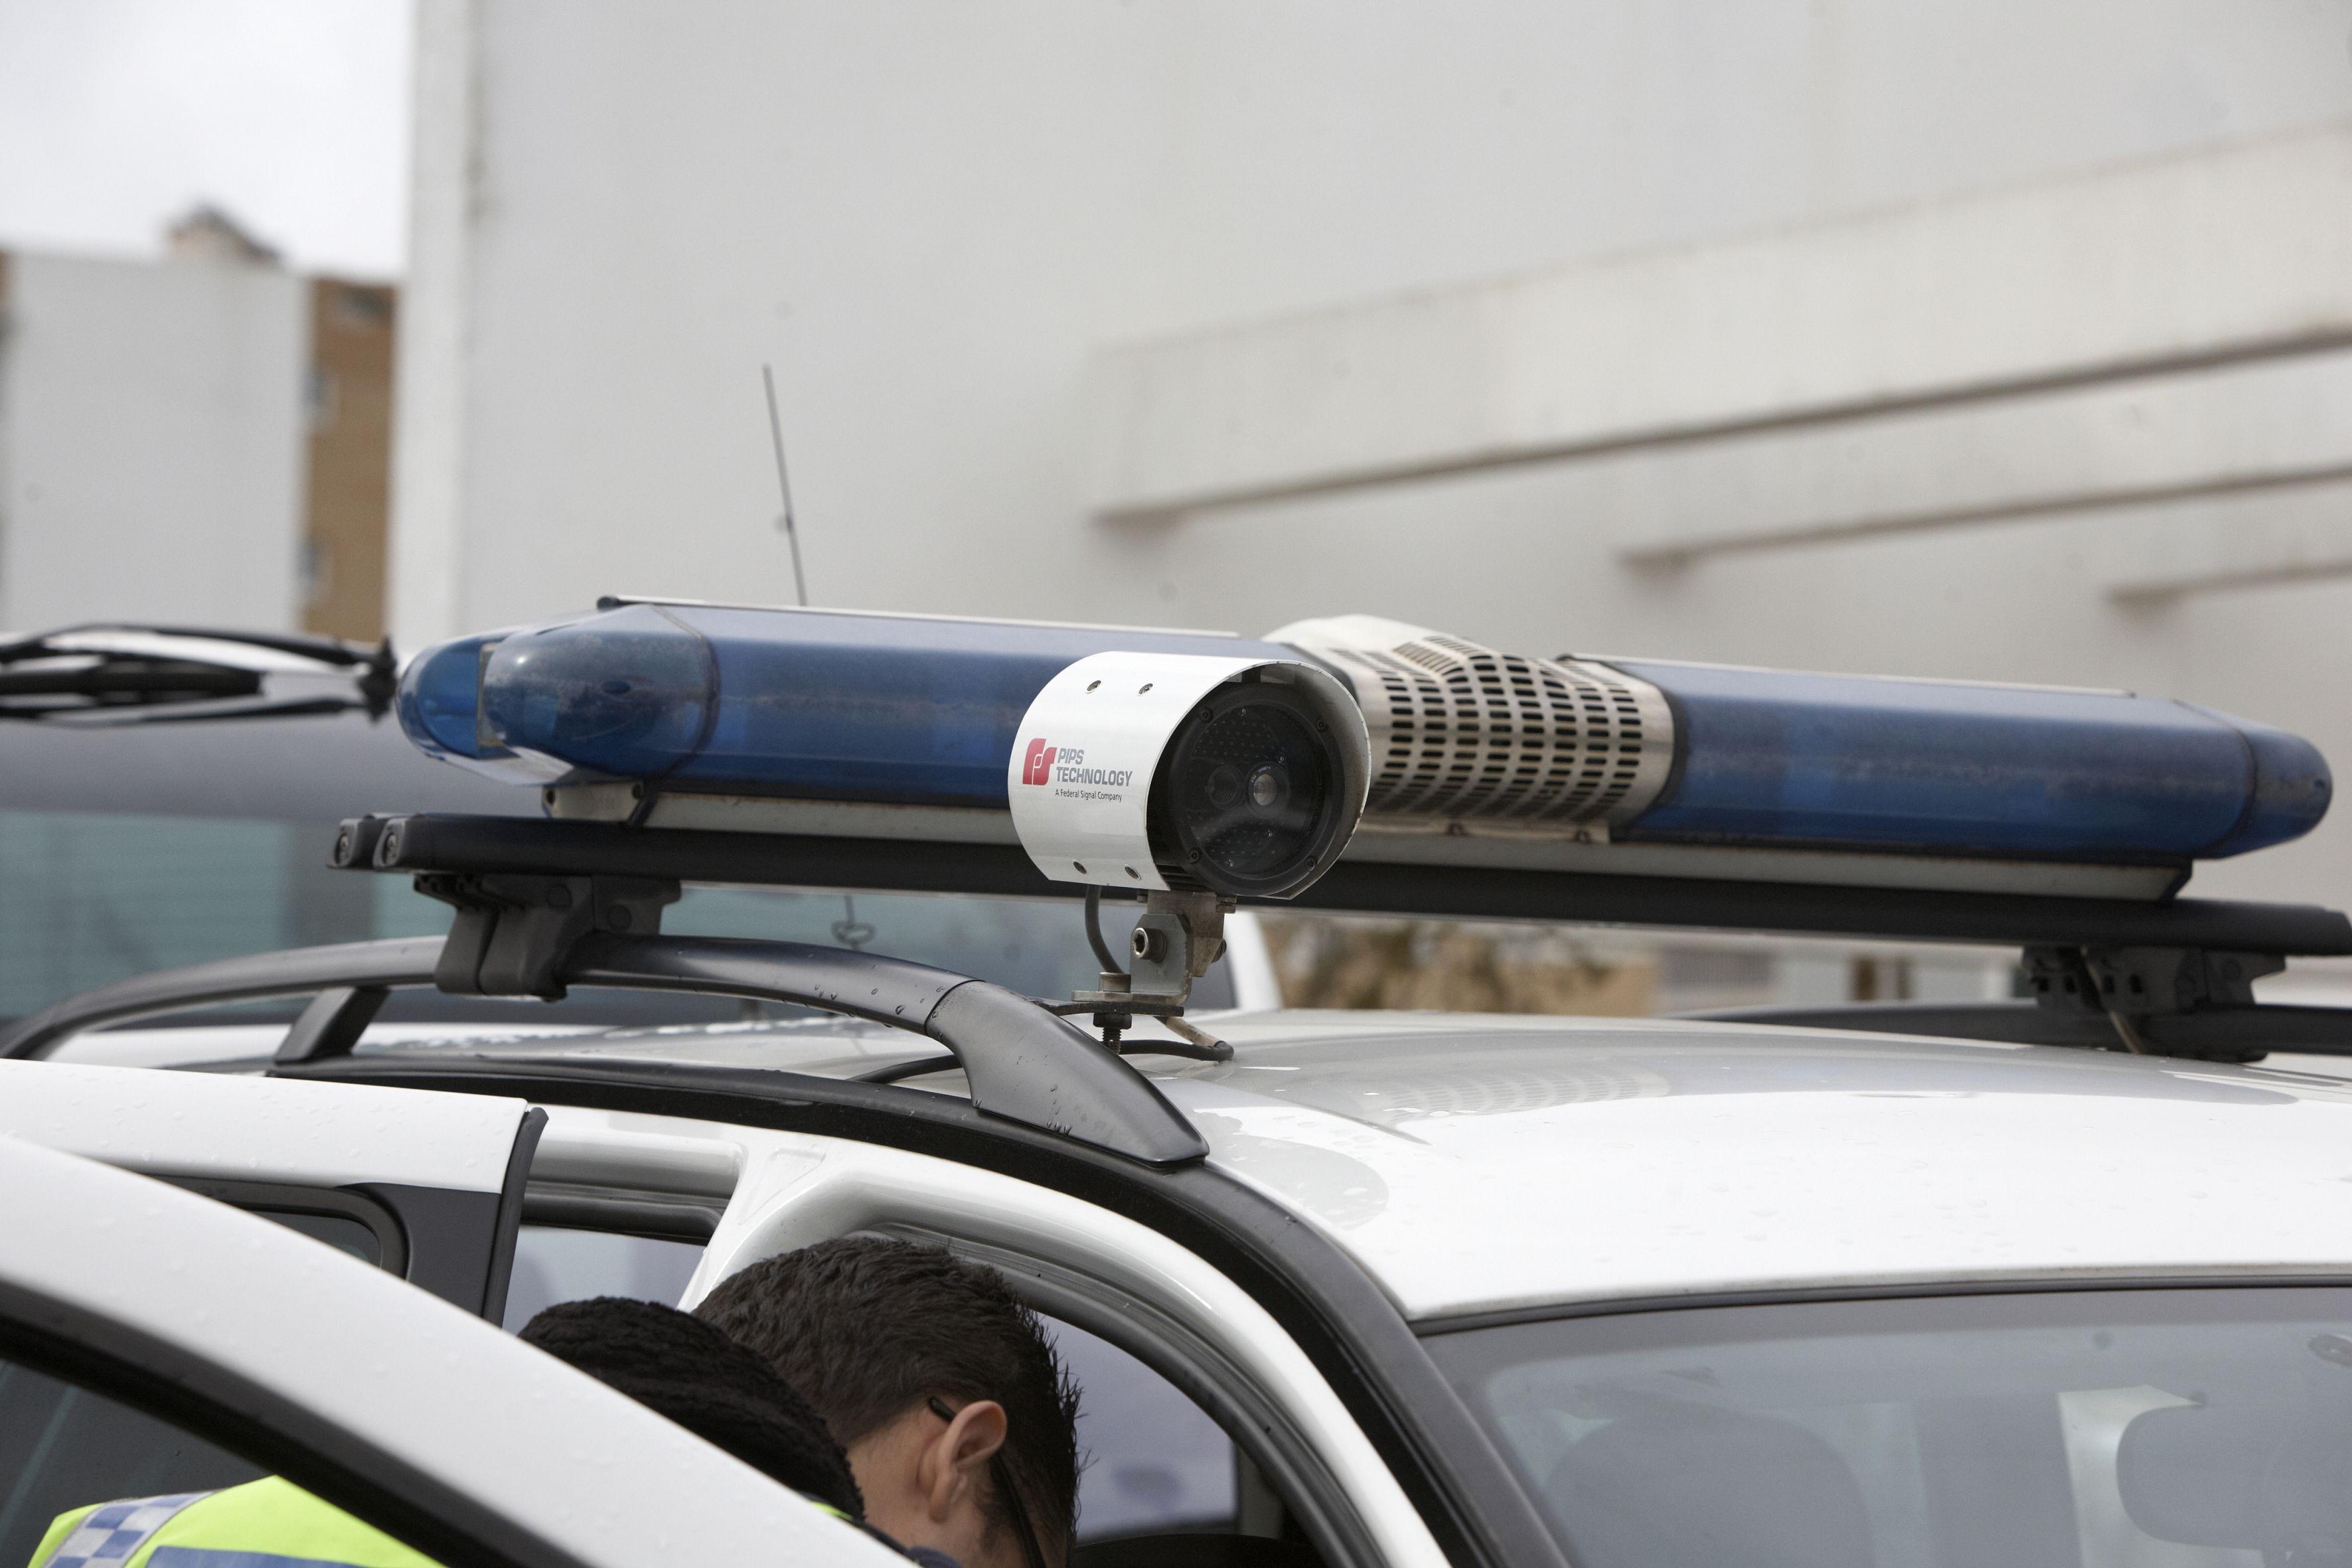 Assaltante barricado em supermercado em Vila Nova de Poiares